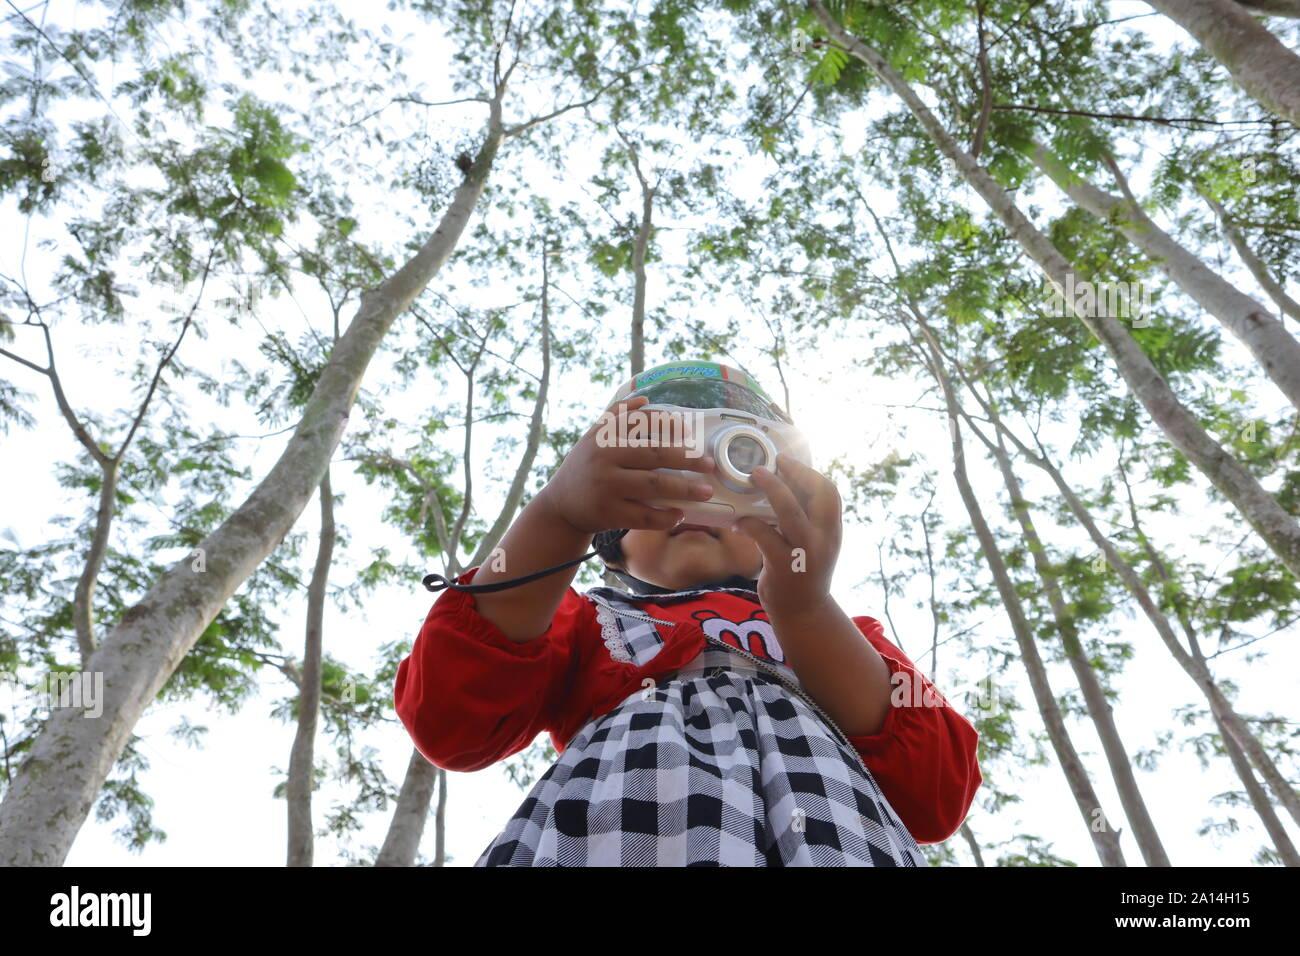 La foto di un bambino con una telecamera, la tecnologia è sempre più facile per allli Foto Stock